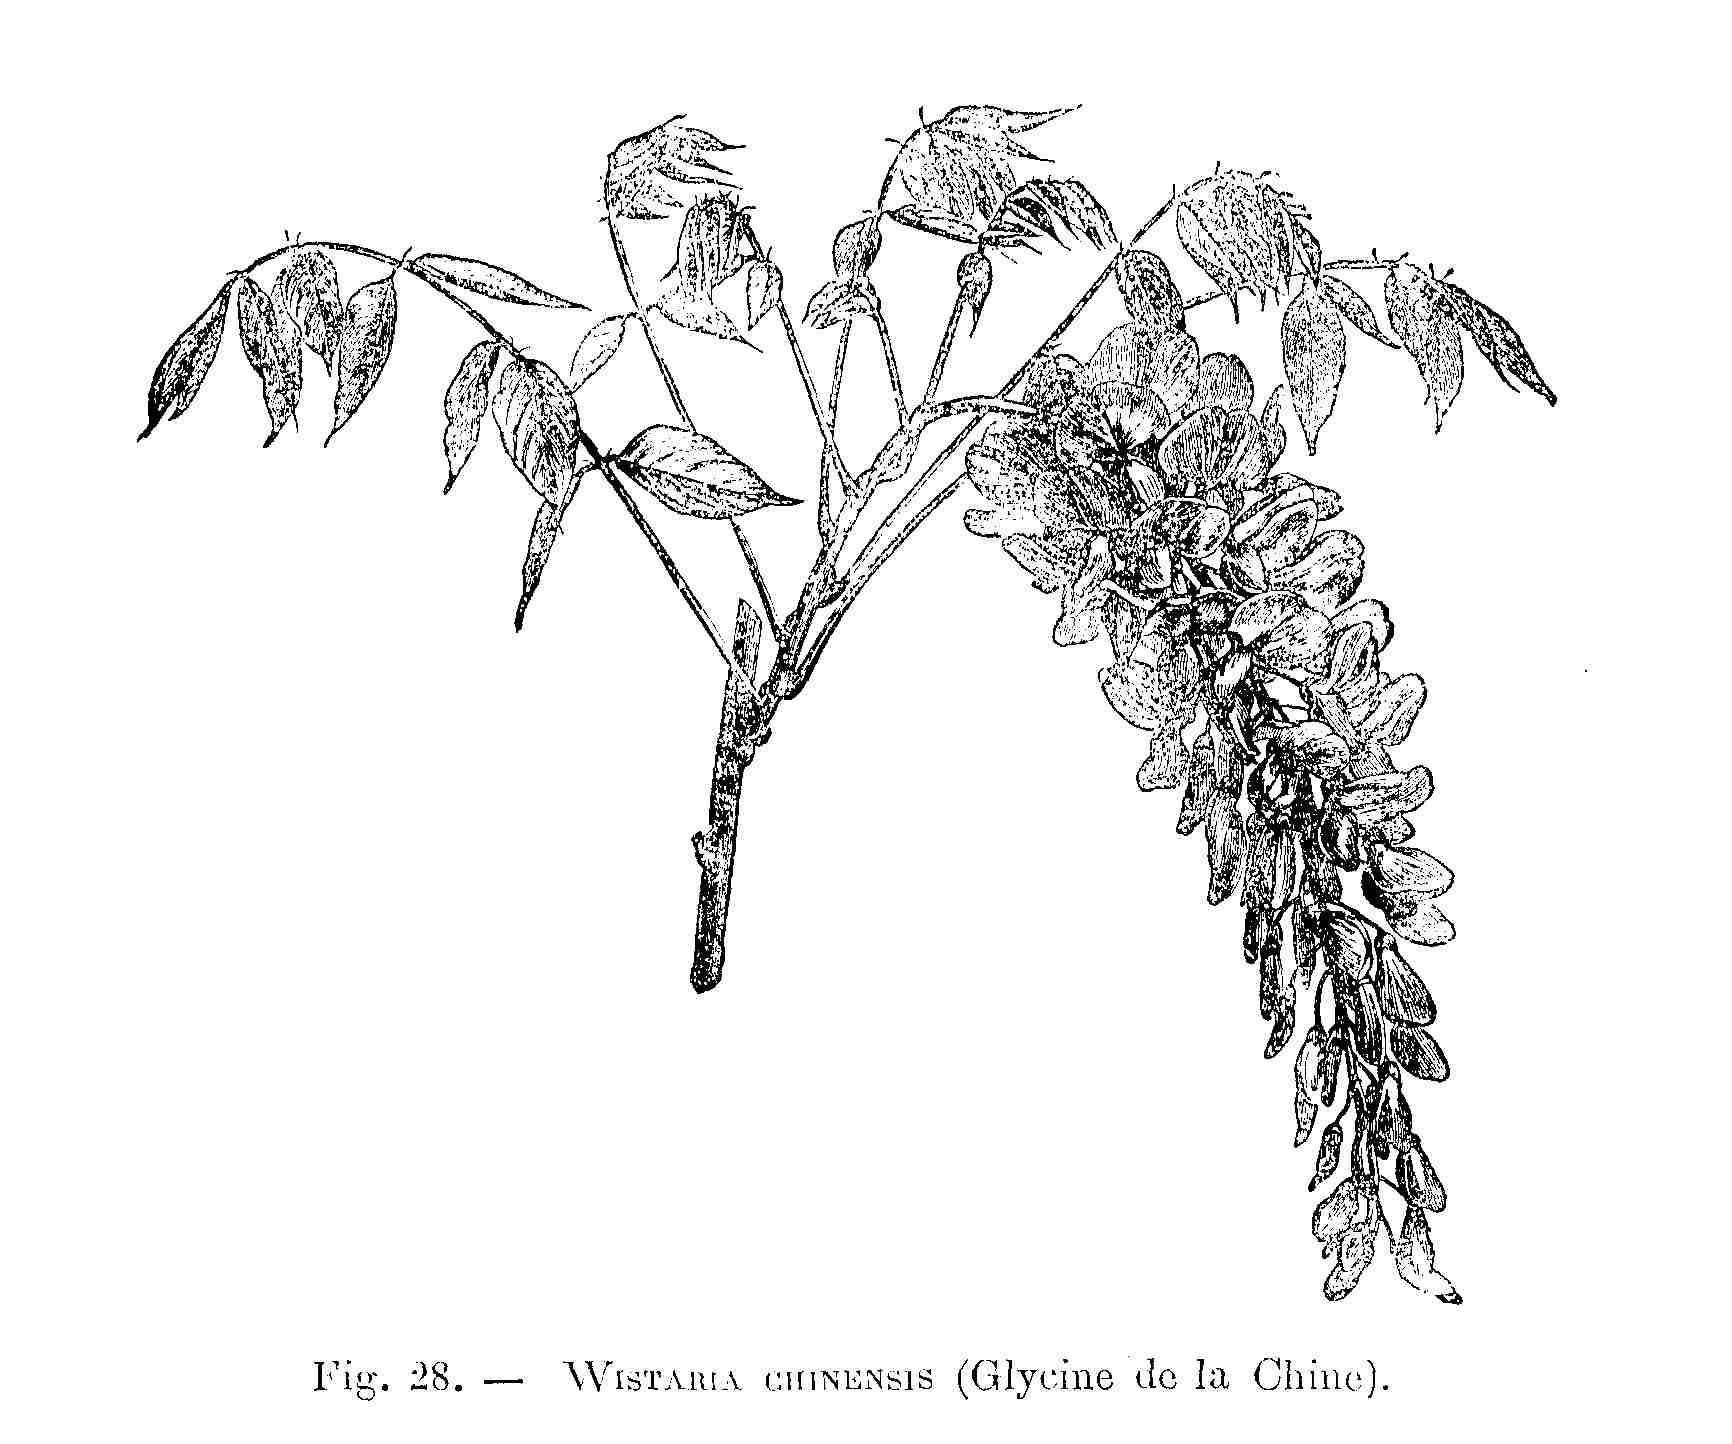 File wistaria chinensis dessin jpg wikimedia commons for Glicine disegno